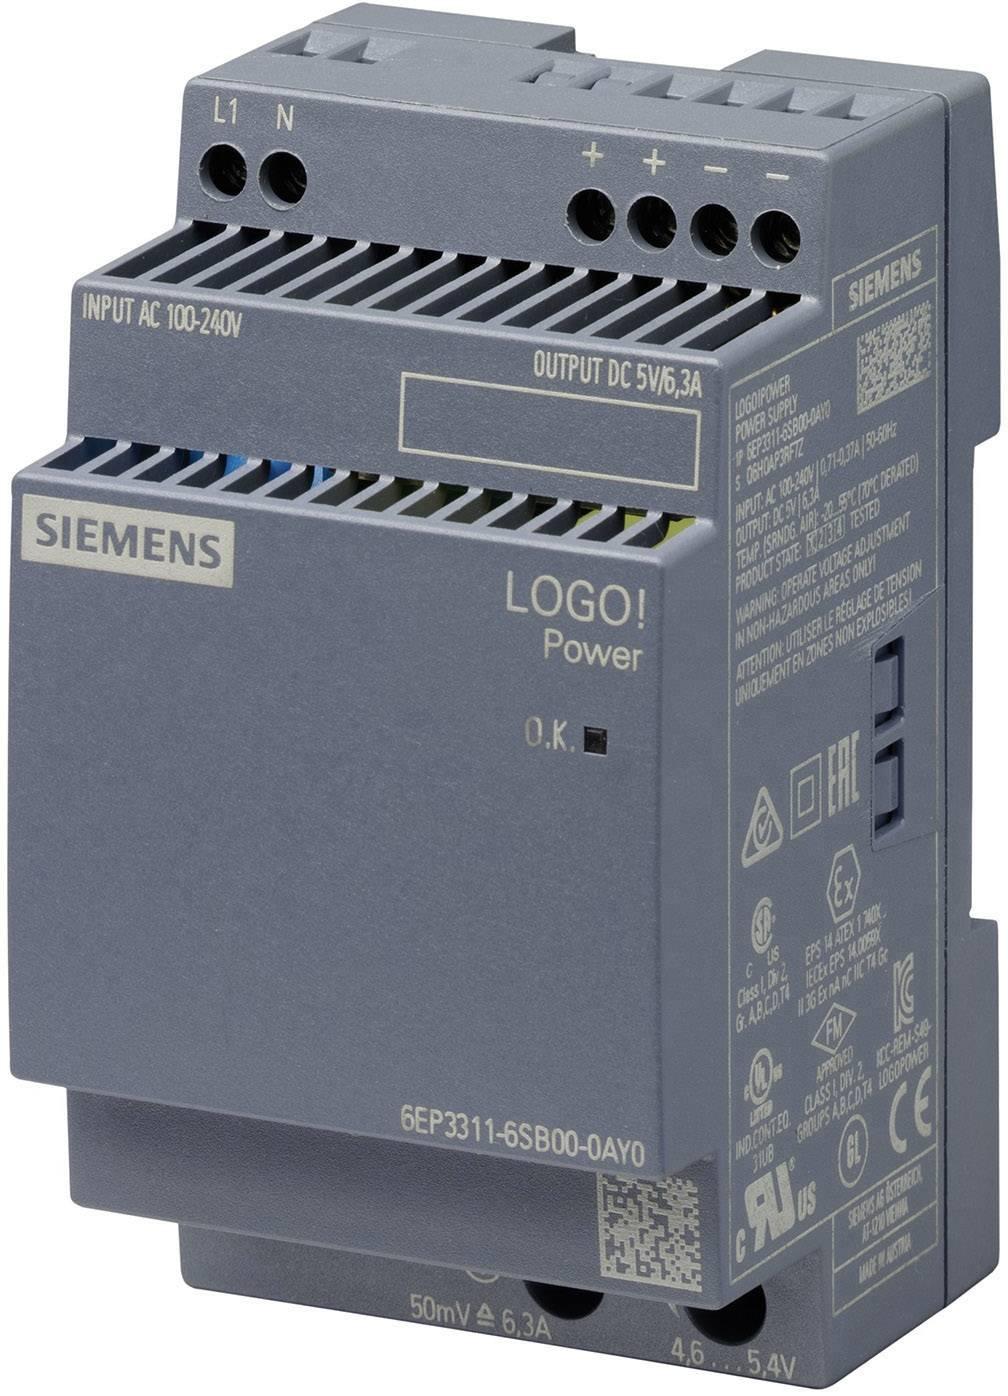 Síťový zdroj na DIN lištu Siemens 6EP3311-6SB00-0AY0, 1 x, 5 V/DC, 6.3 A, 31.5 W